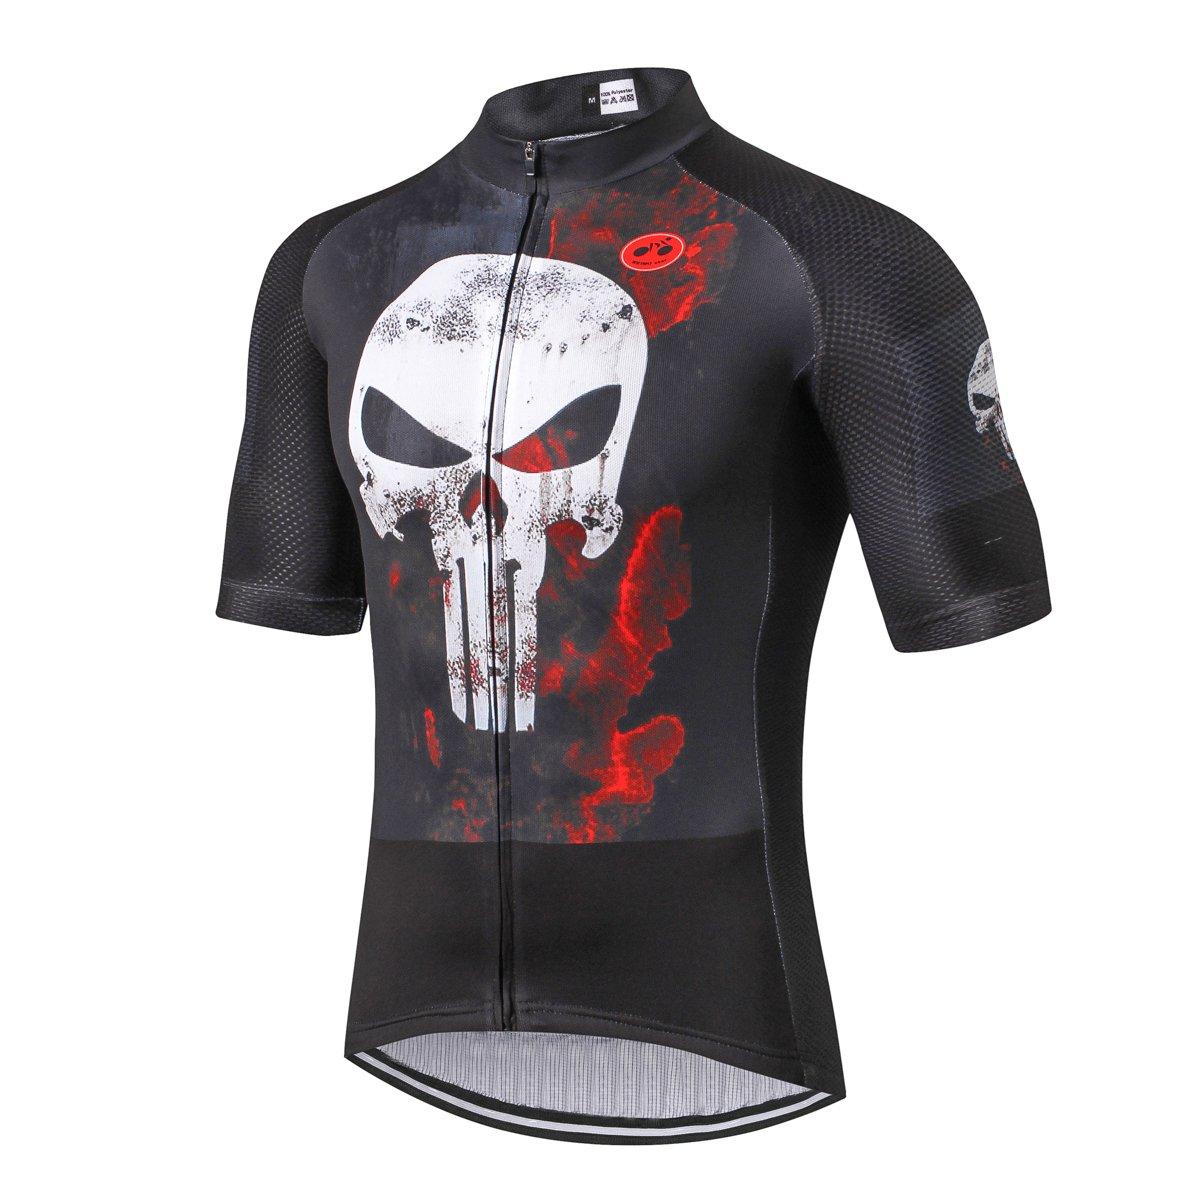 Shenshan Ciclismo Jersey Uomini 2018Ciclismo Jersey Bicicletta Abbigliamento Top Uomini Ropa Ciclismo Maillot MTB Maglia Racing Sport T-Shirt cranio nero